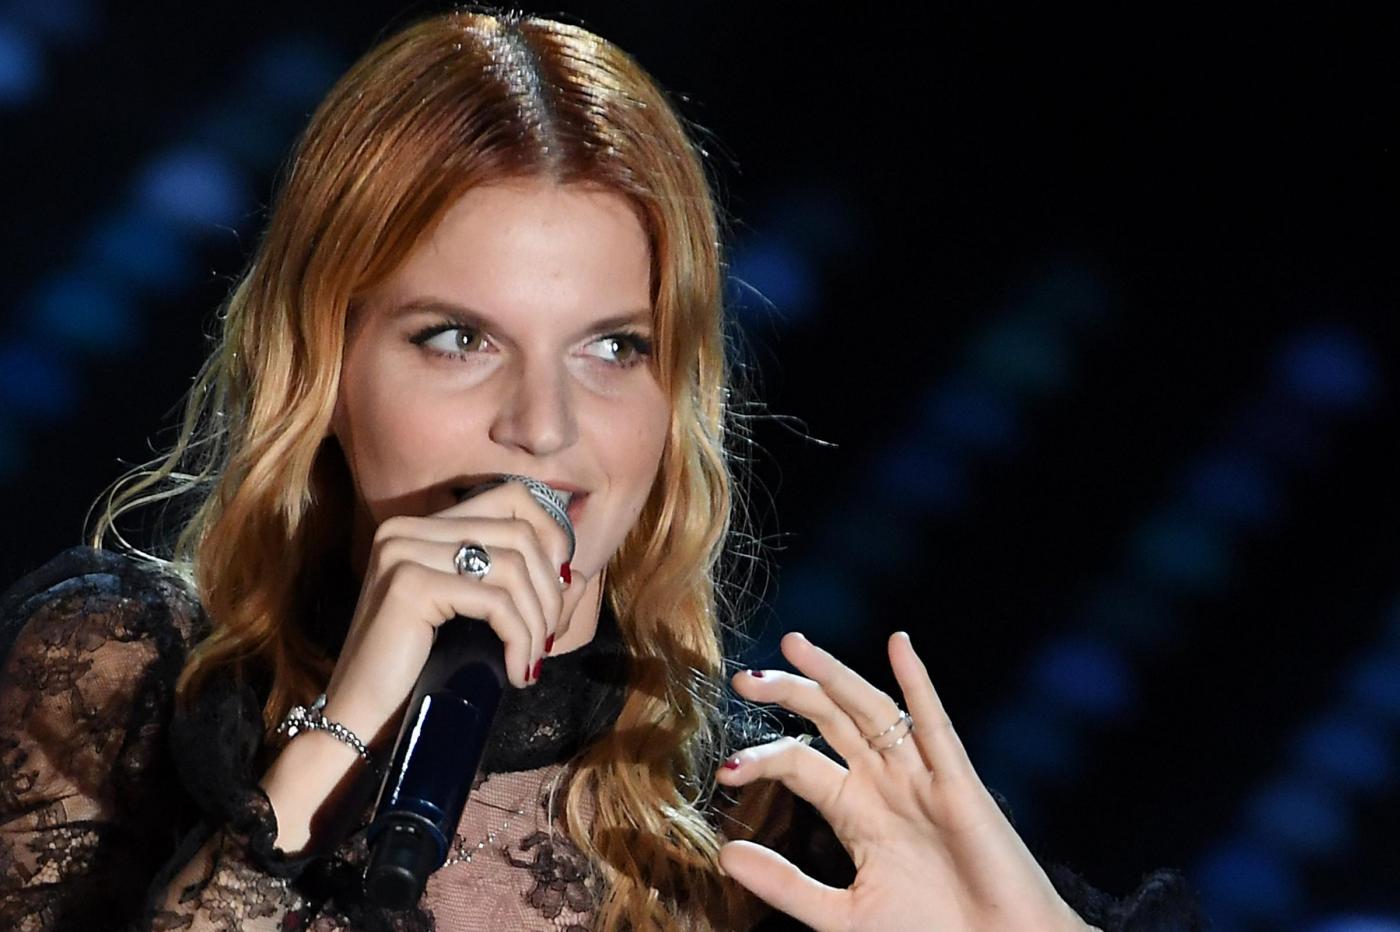 Sanremo 2017, la classifica dei cantanti su Shazam